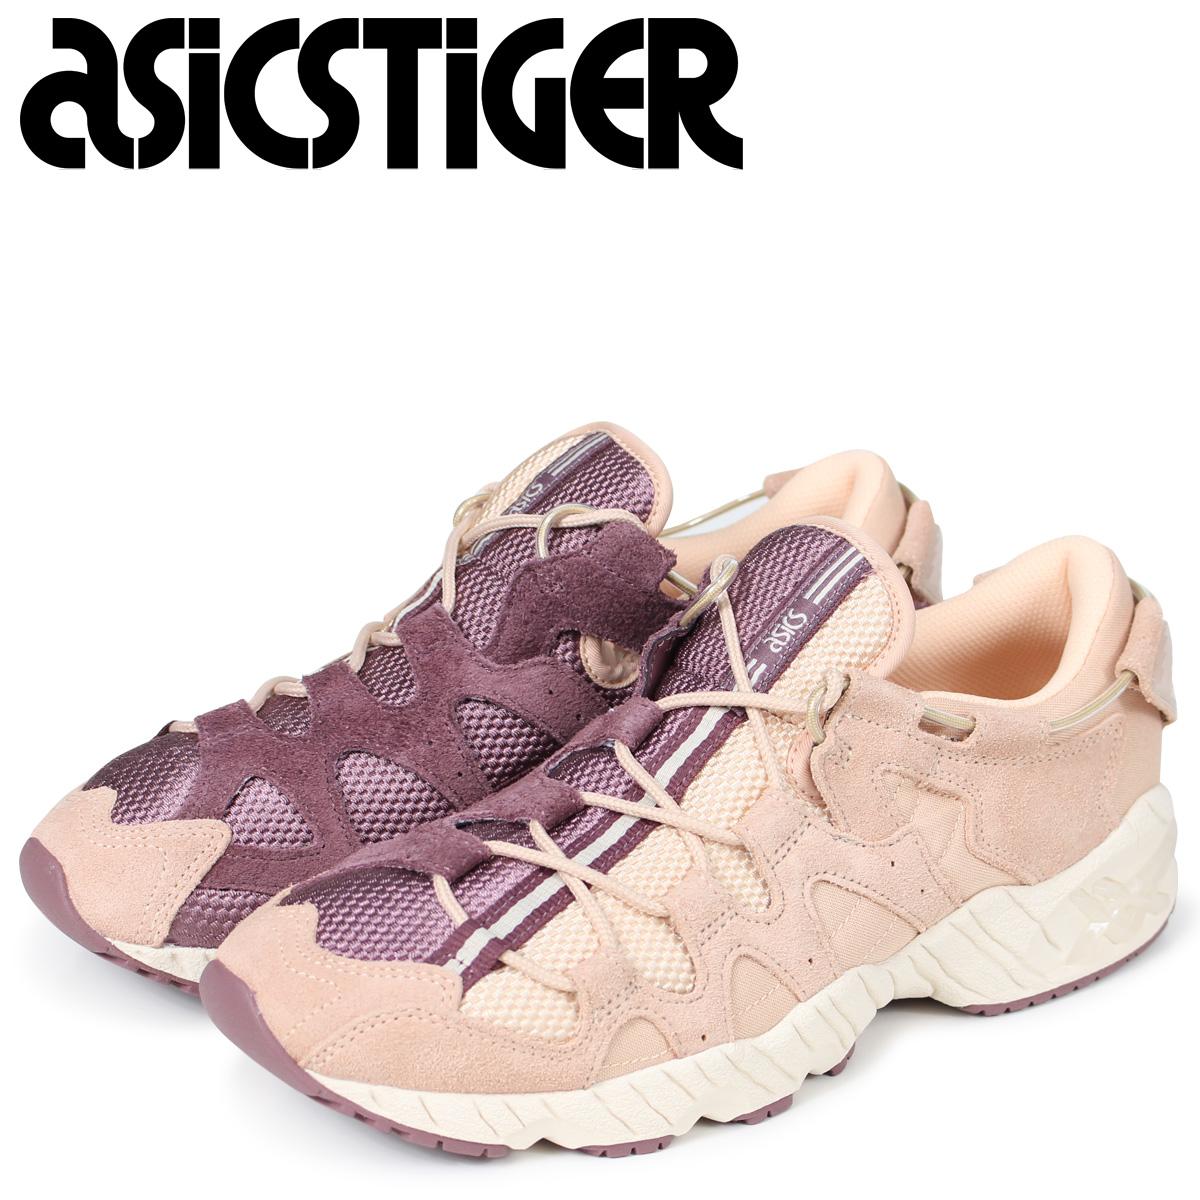 Mai Shop Six Gel Asics Sugar Online Maia Tiger Sneakers qZB5vB8